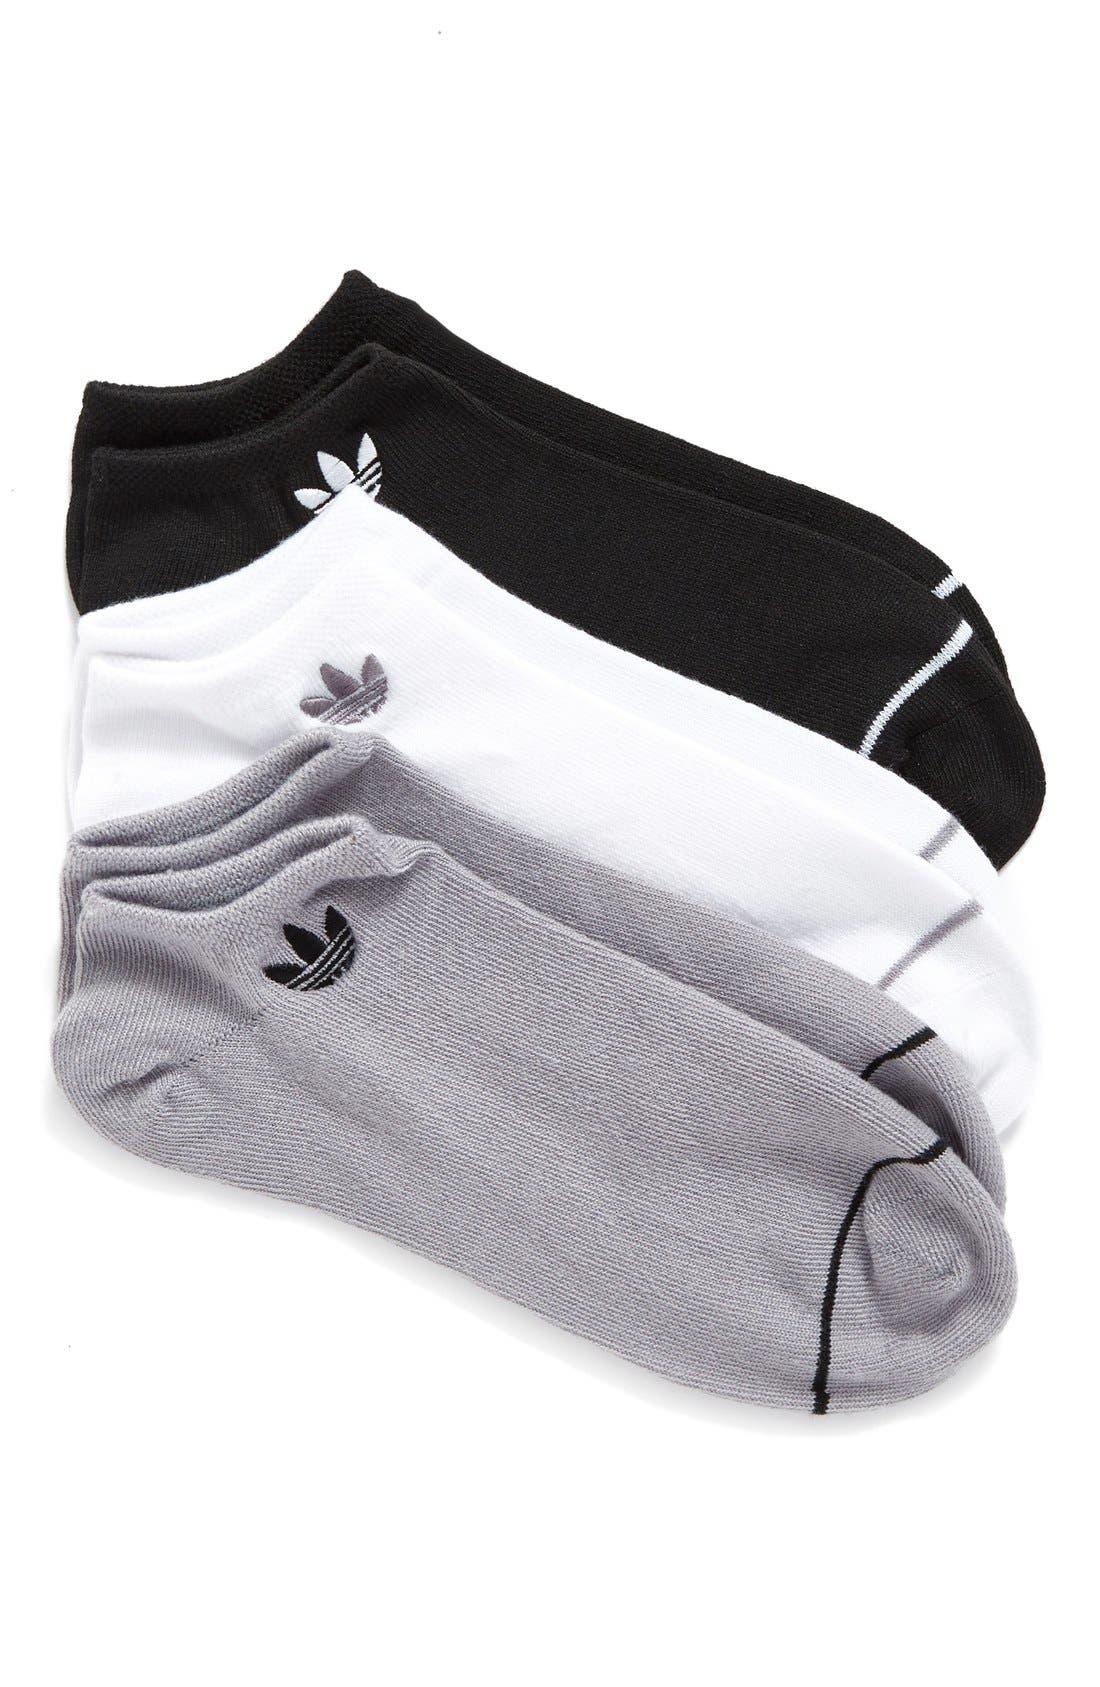 Superlite 3-Pack Socks,                         Main,                         color, Black